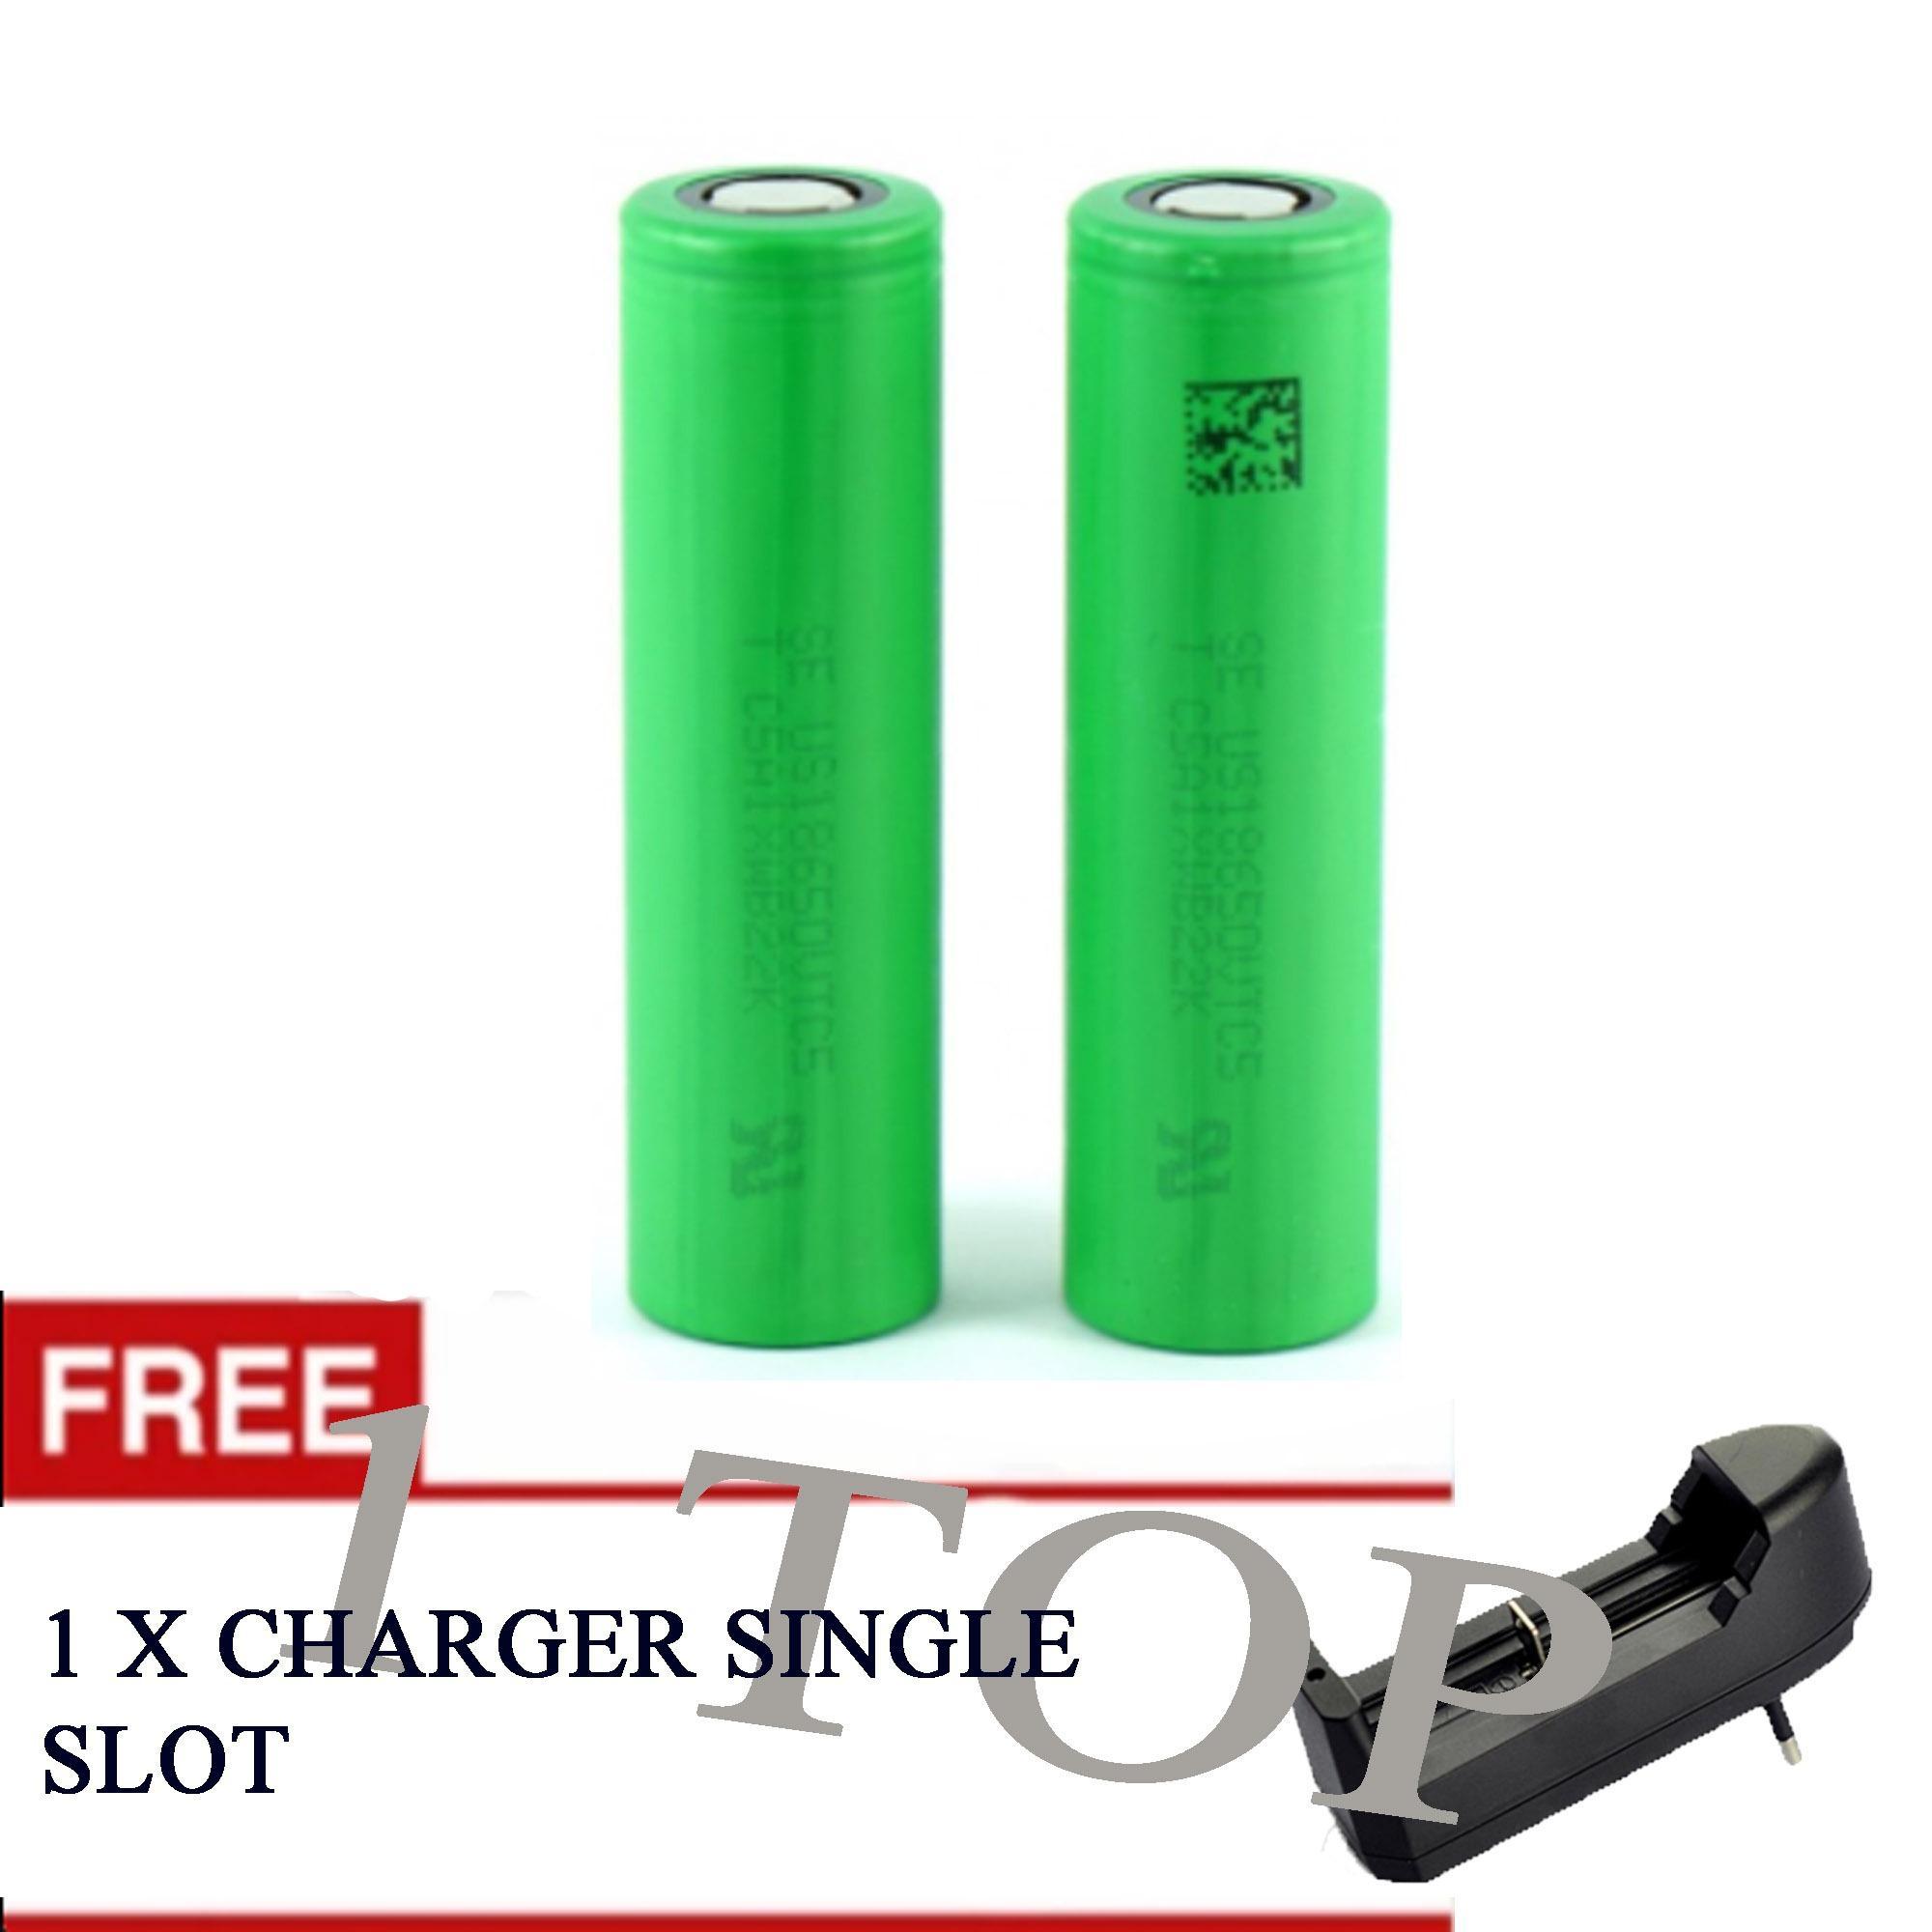 Baterai Rokok Elektrik Sony 2600mAh Mods Vape Vapor Tipe 18650 2600mAh Hijau 2 pcs - Free